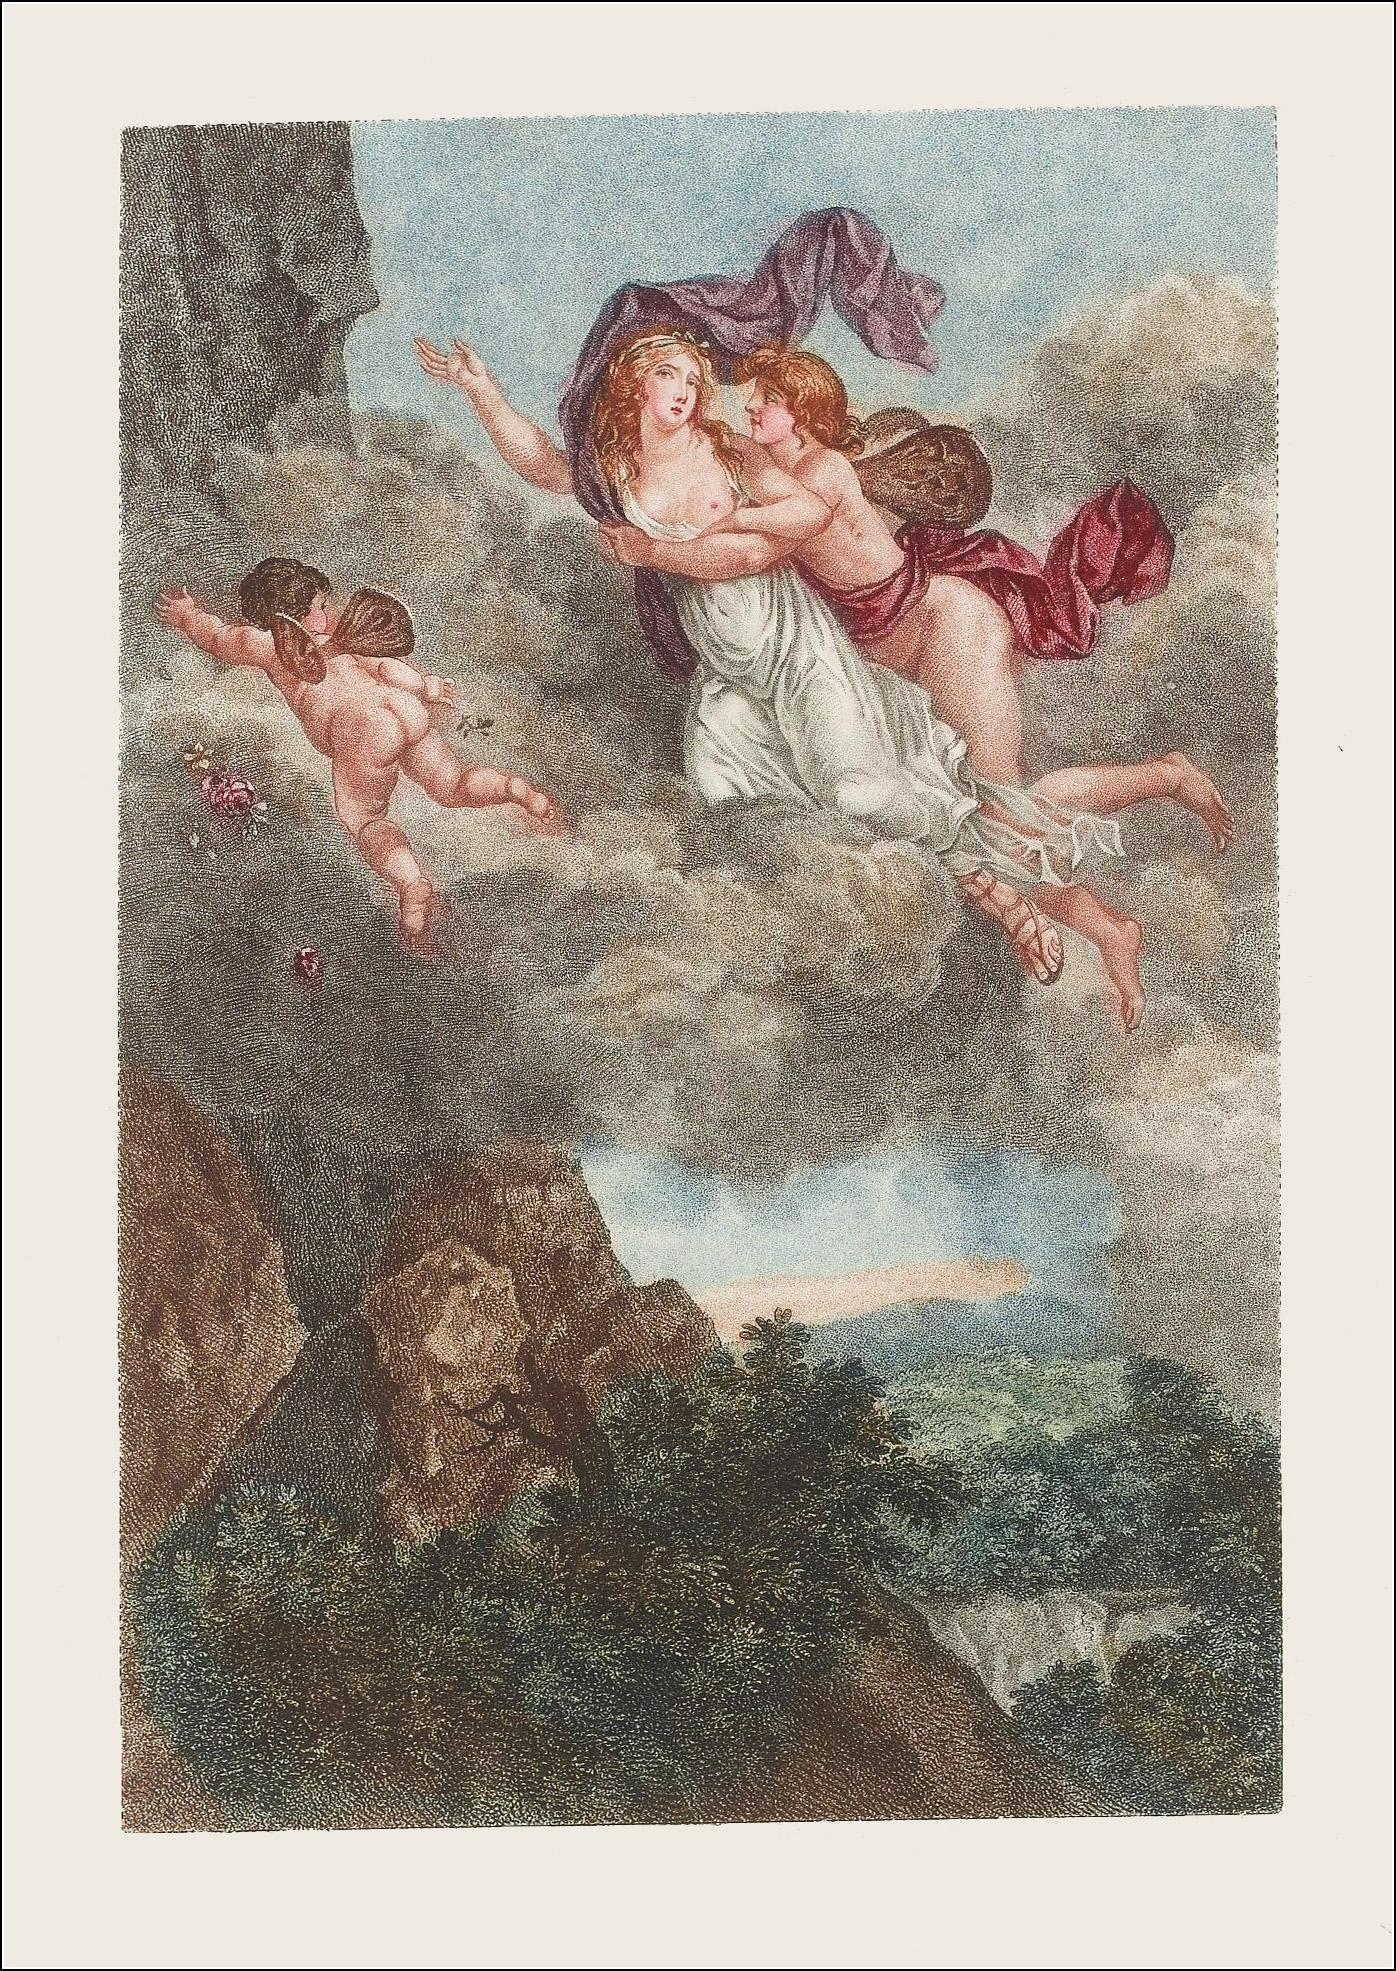 Jean Frédéric Schall, Les amours de Psyché et de Cupidon